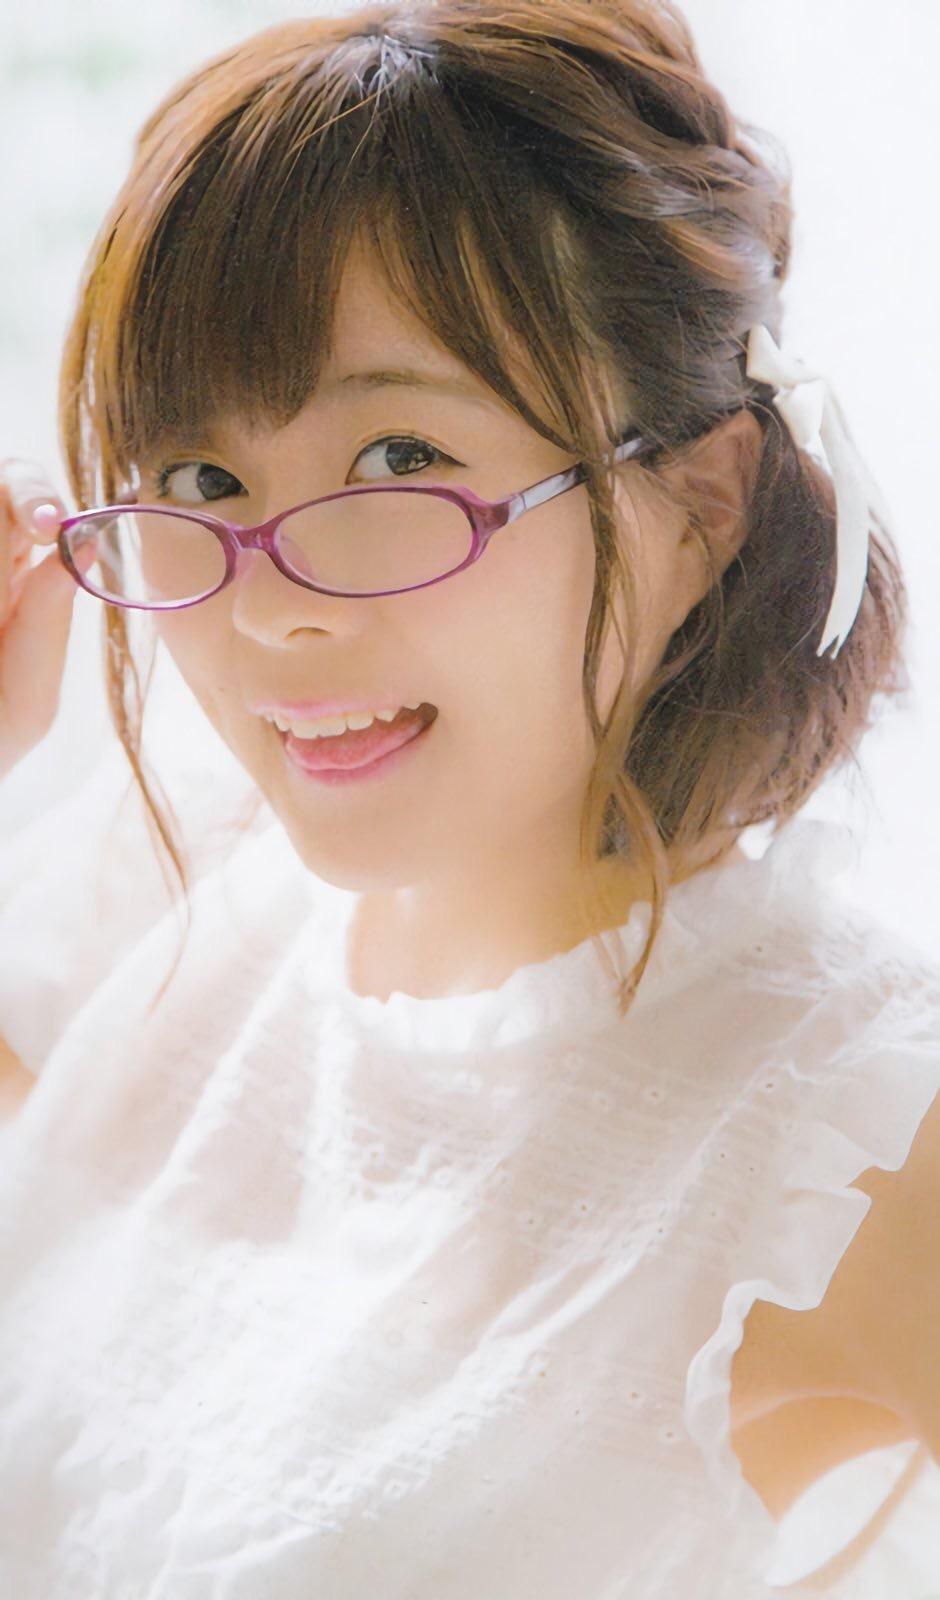 メガネをかけた水瀬いのりさん